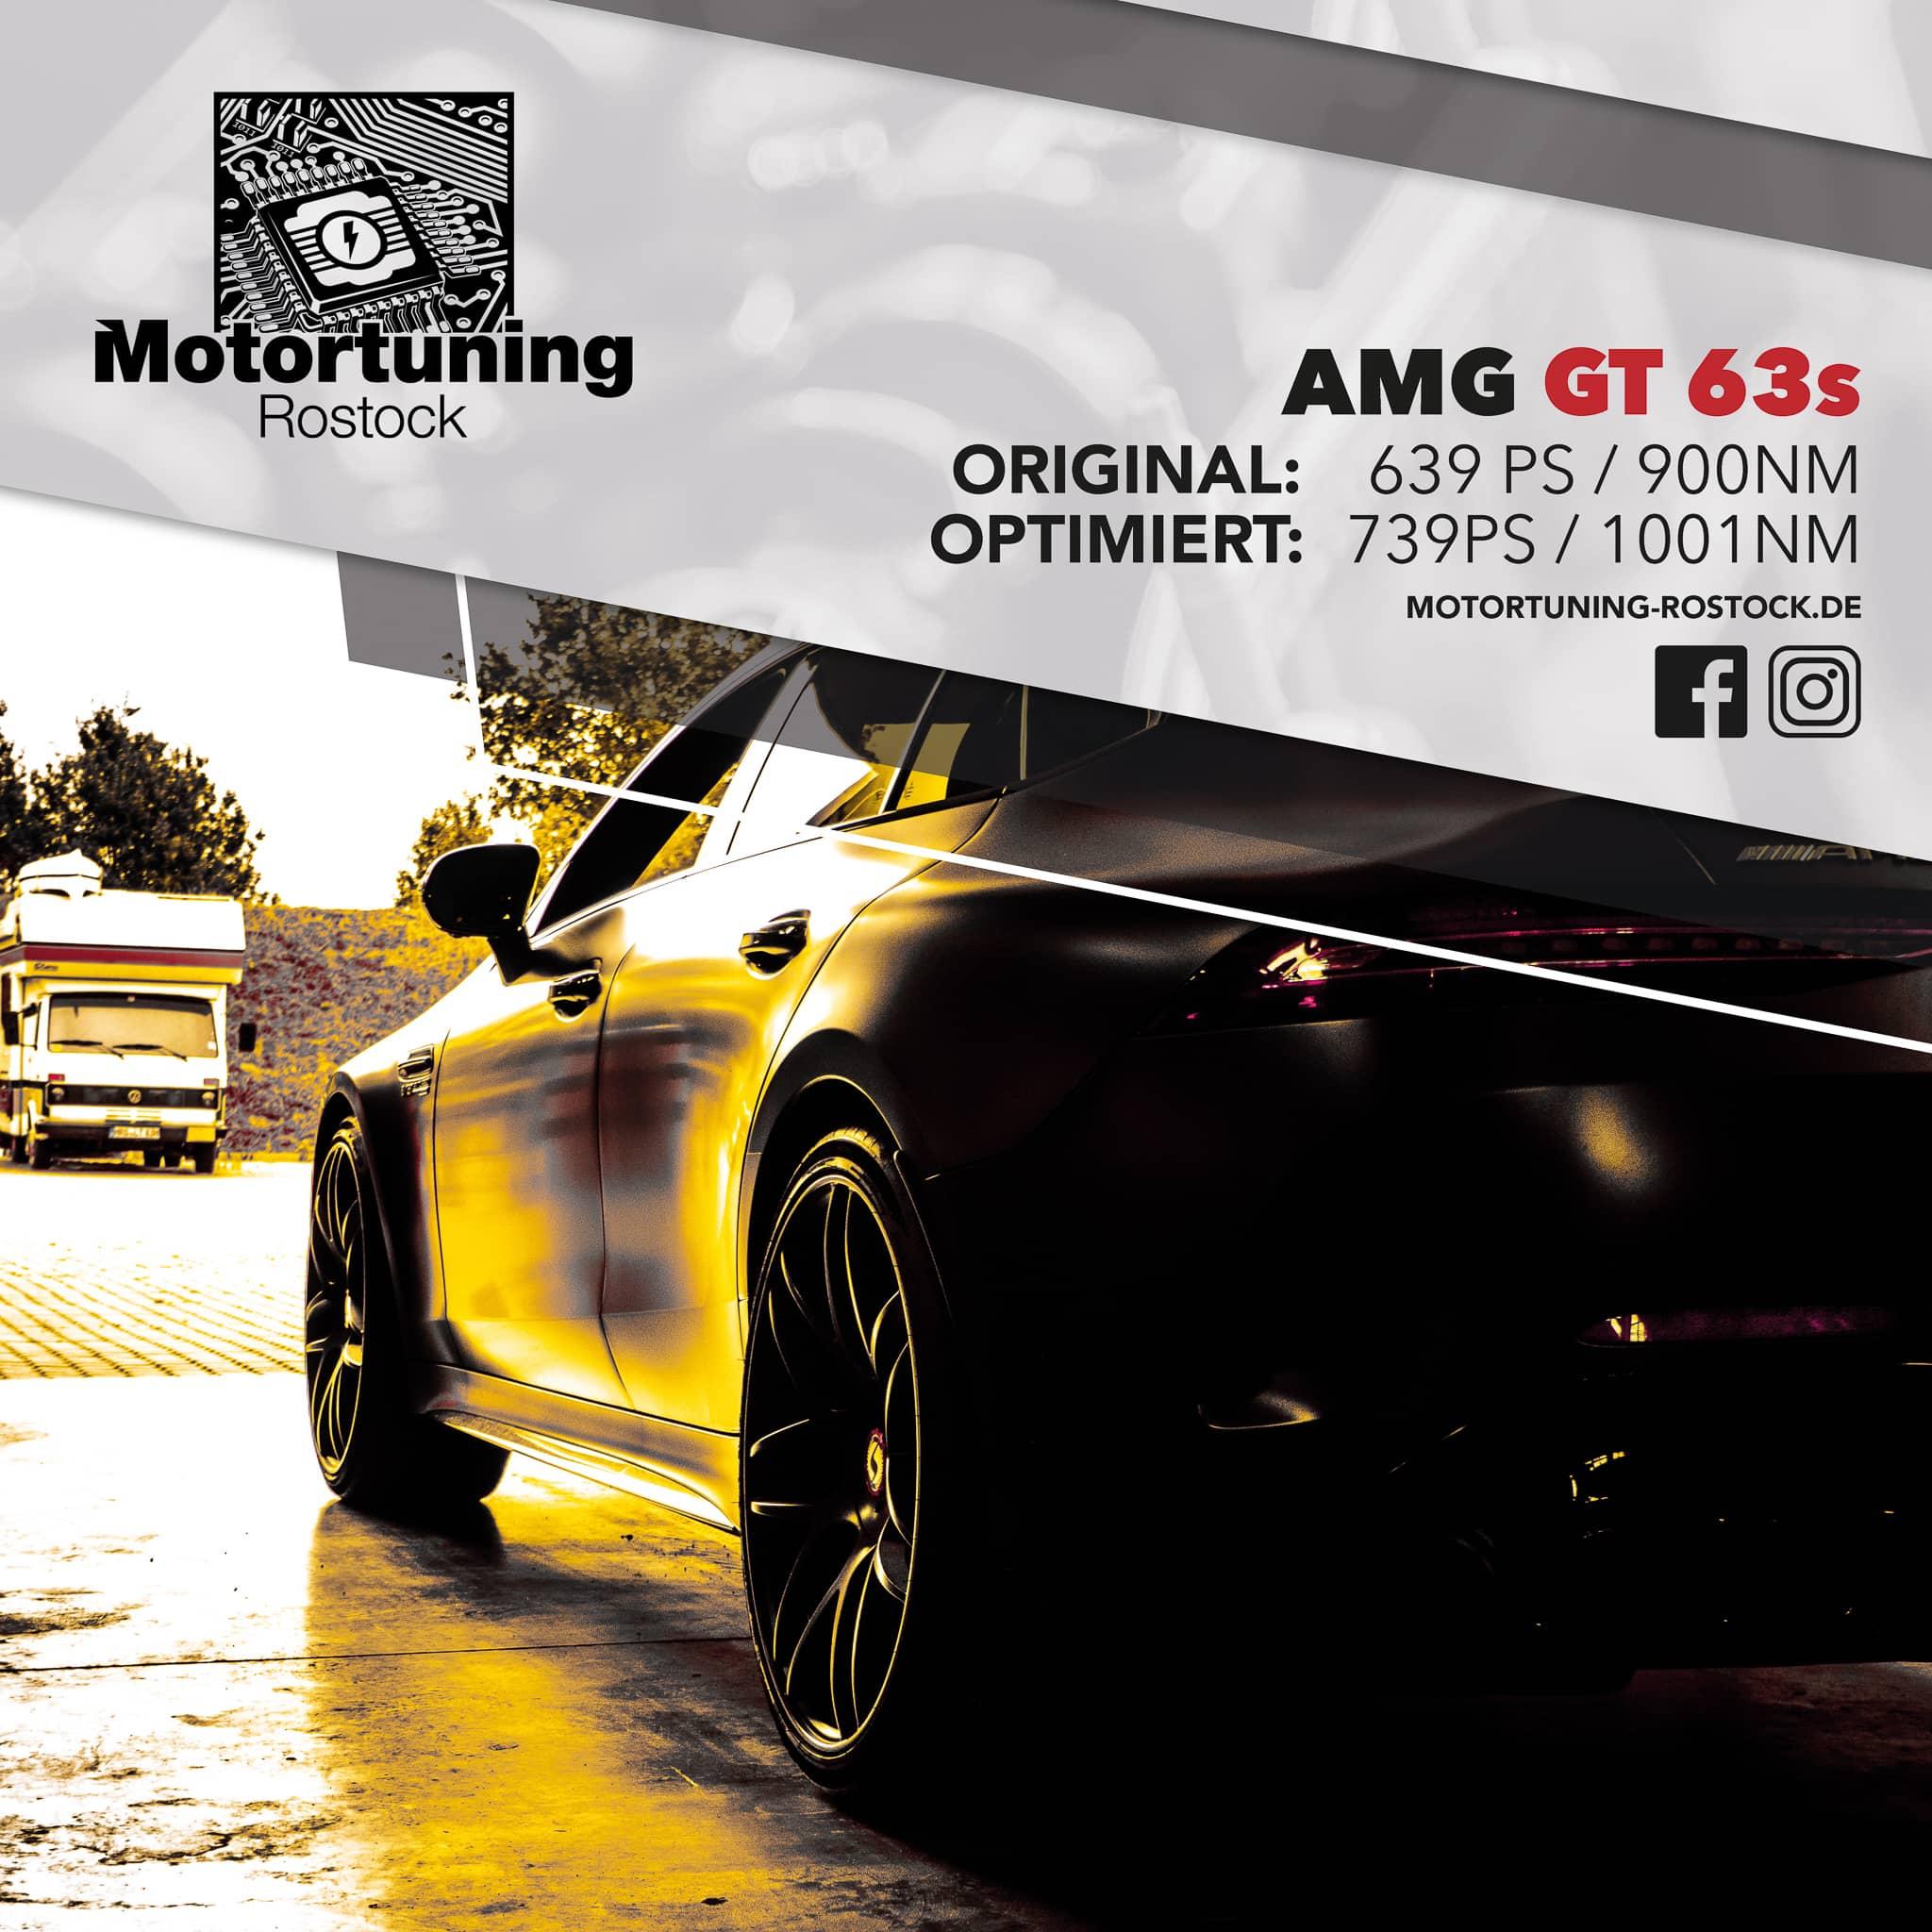 Chiptuning-Motortuning Rostock, Kennfeldoptimierung, Leistungssteigerung, AMG GT 63s , Ansicht schräg vorn, schwarz-gold, Originalleistung: 639 PS,optimierte Leistung: 739 PS